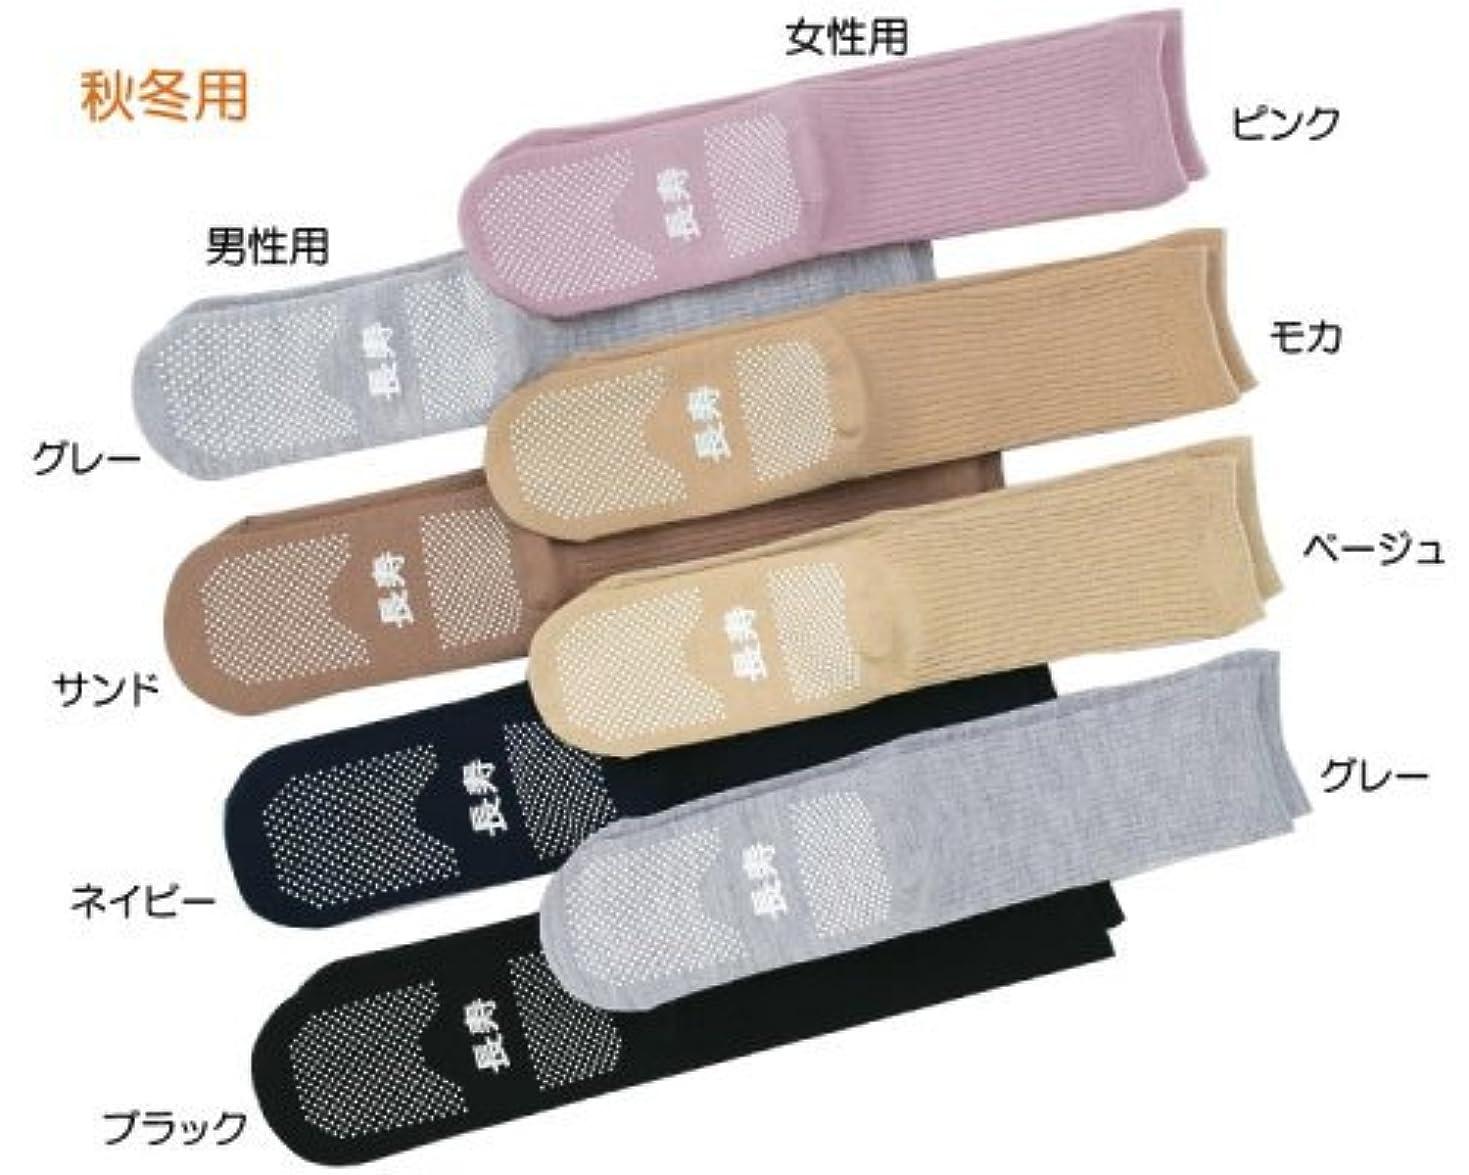 スペシャリスト簡単に発行神戸生絲 すべり止め靴下( 長寿